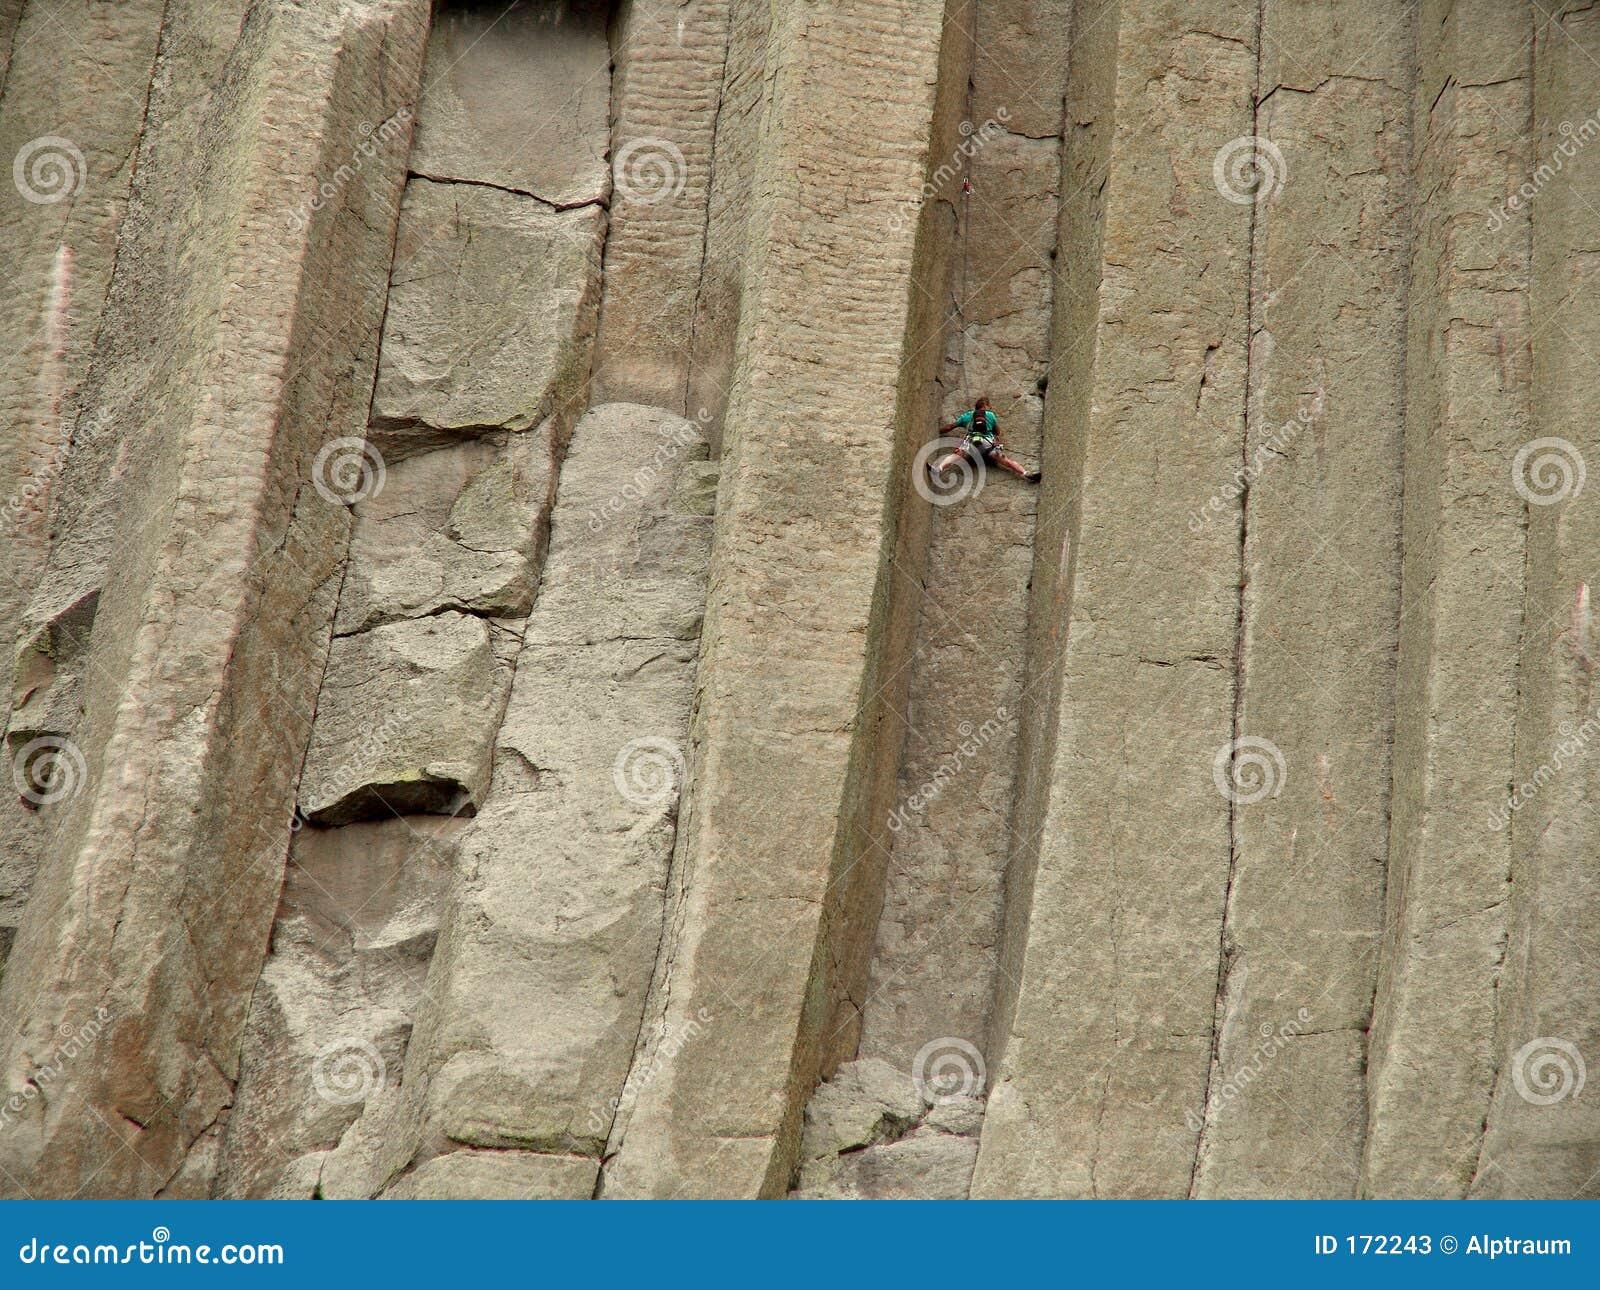 Stuck - climbing devils tower